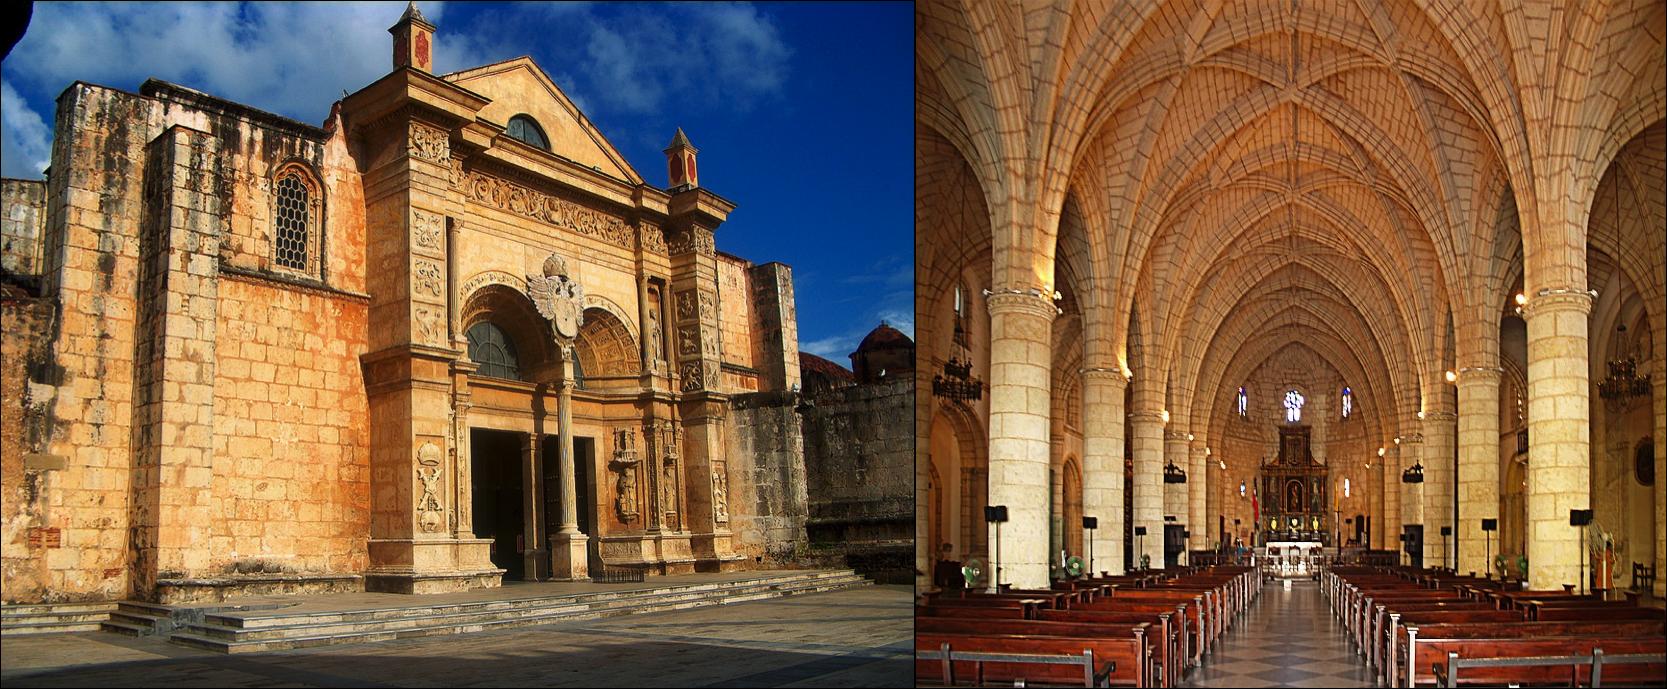 Catedral Primada de América - Zona Colonial de Santo Domingo